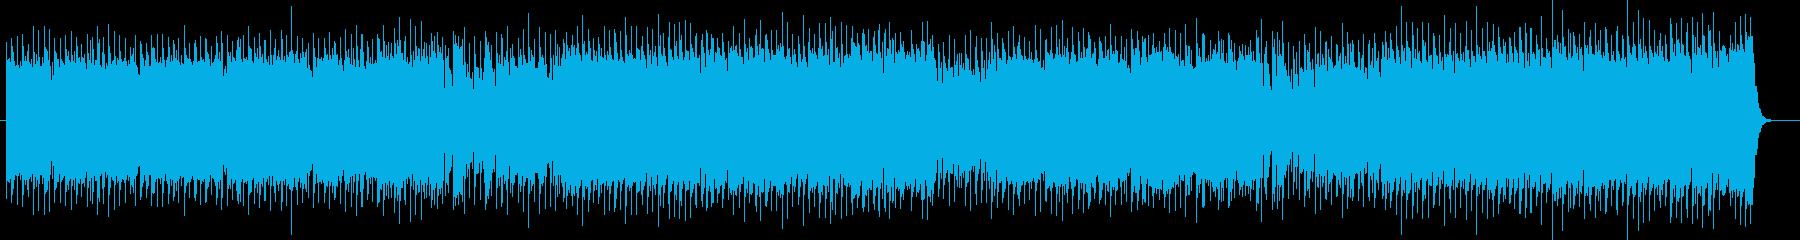 軽快でフュージョンっぽいポップスの再生済みの波形